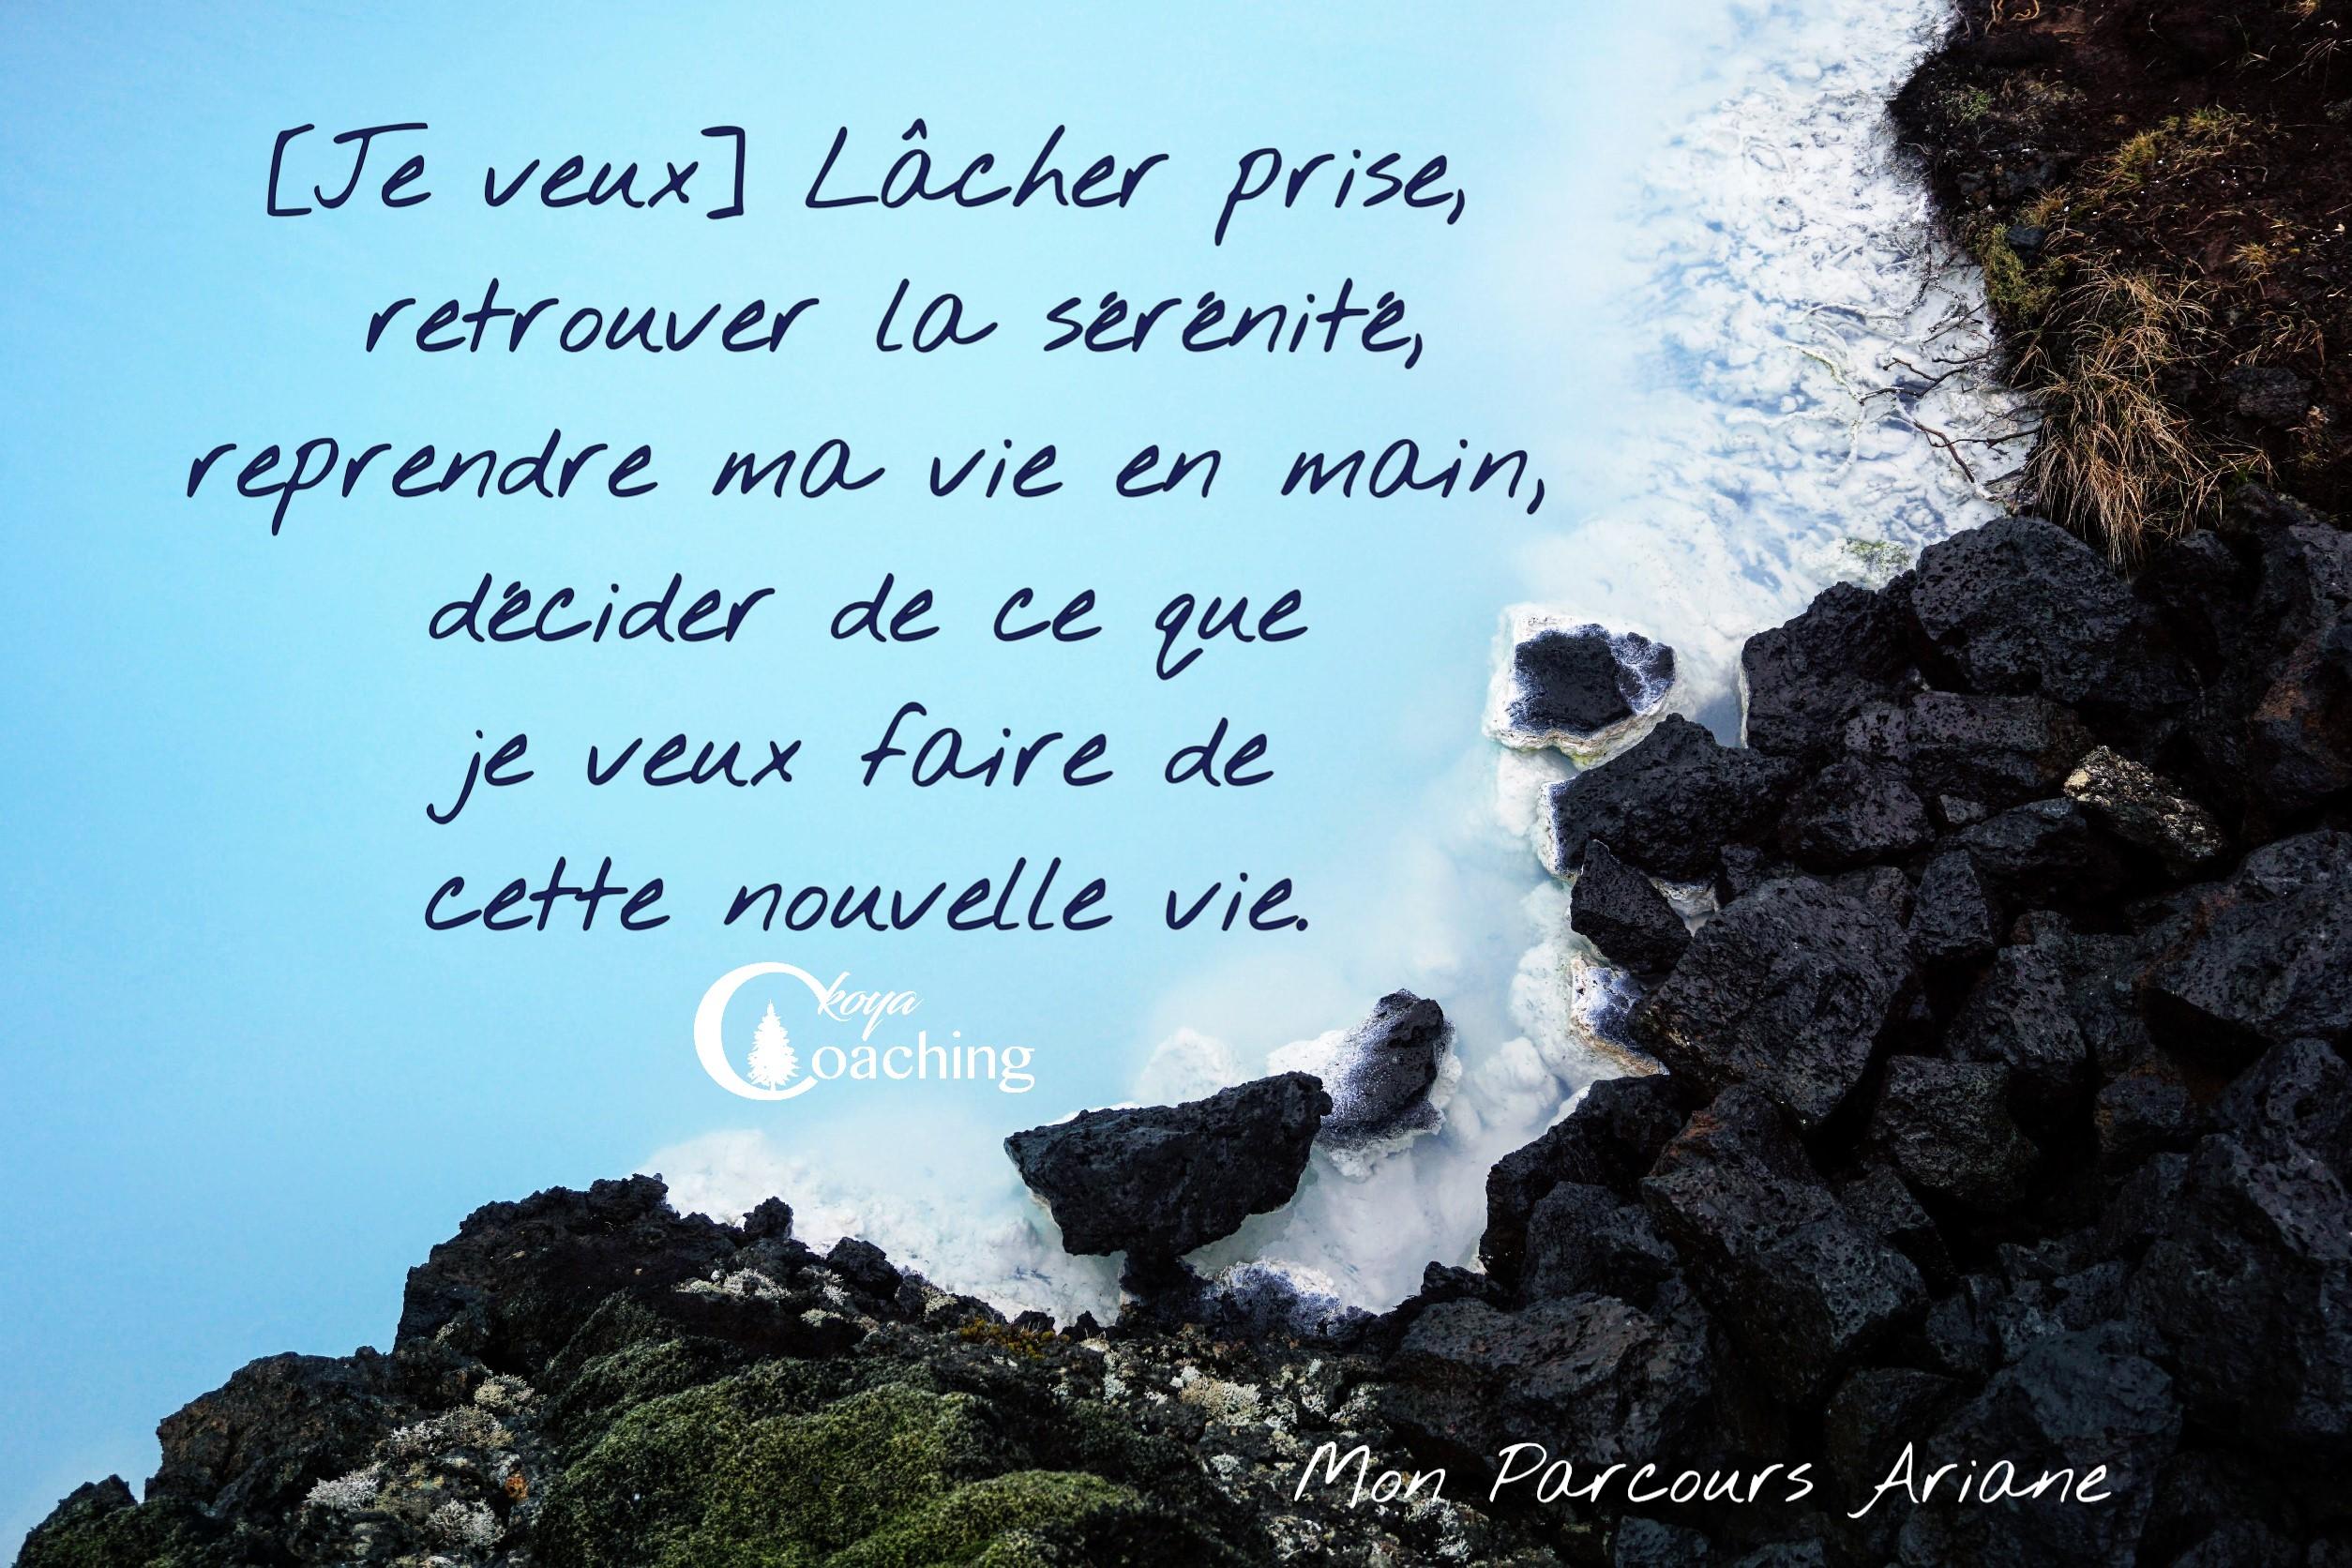 maarten-van-den-heuvel - Elodie - Mon Parcours Ariane - C'Koya Coaching